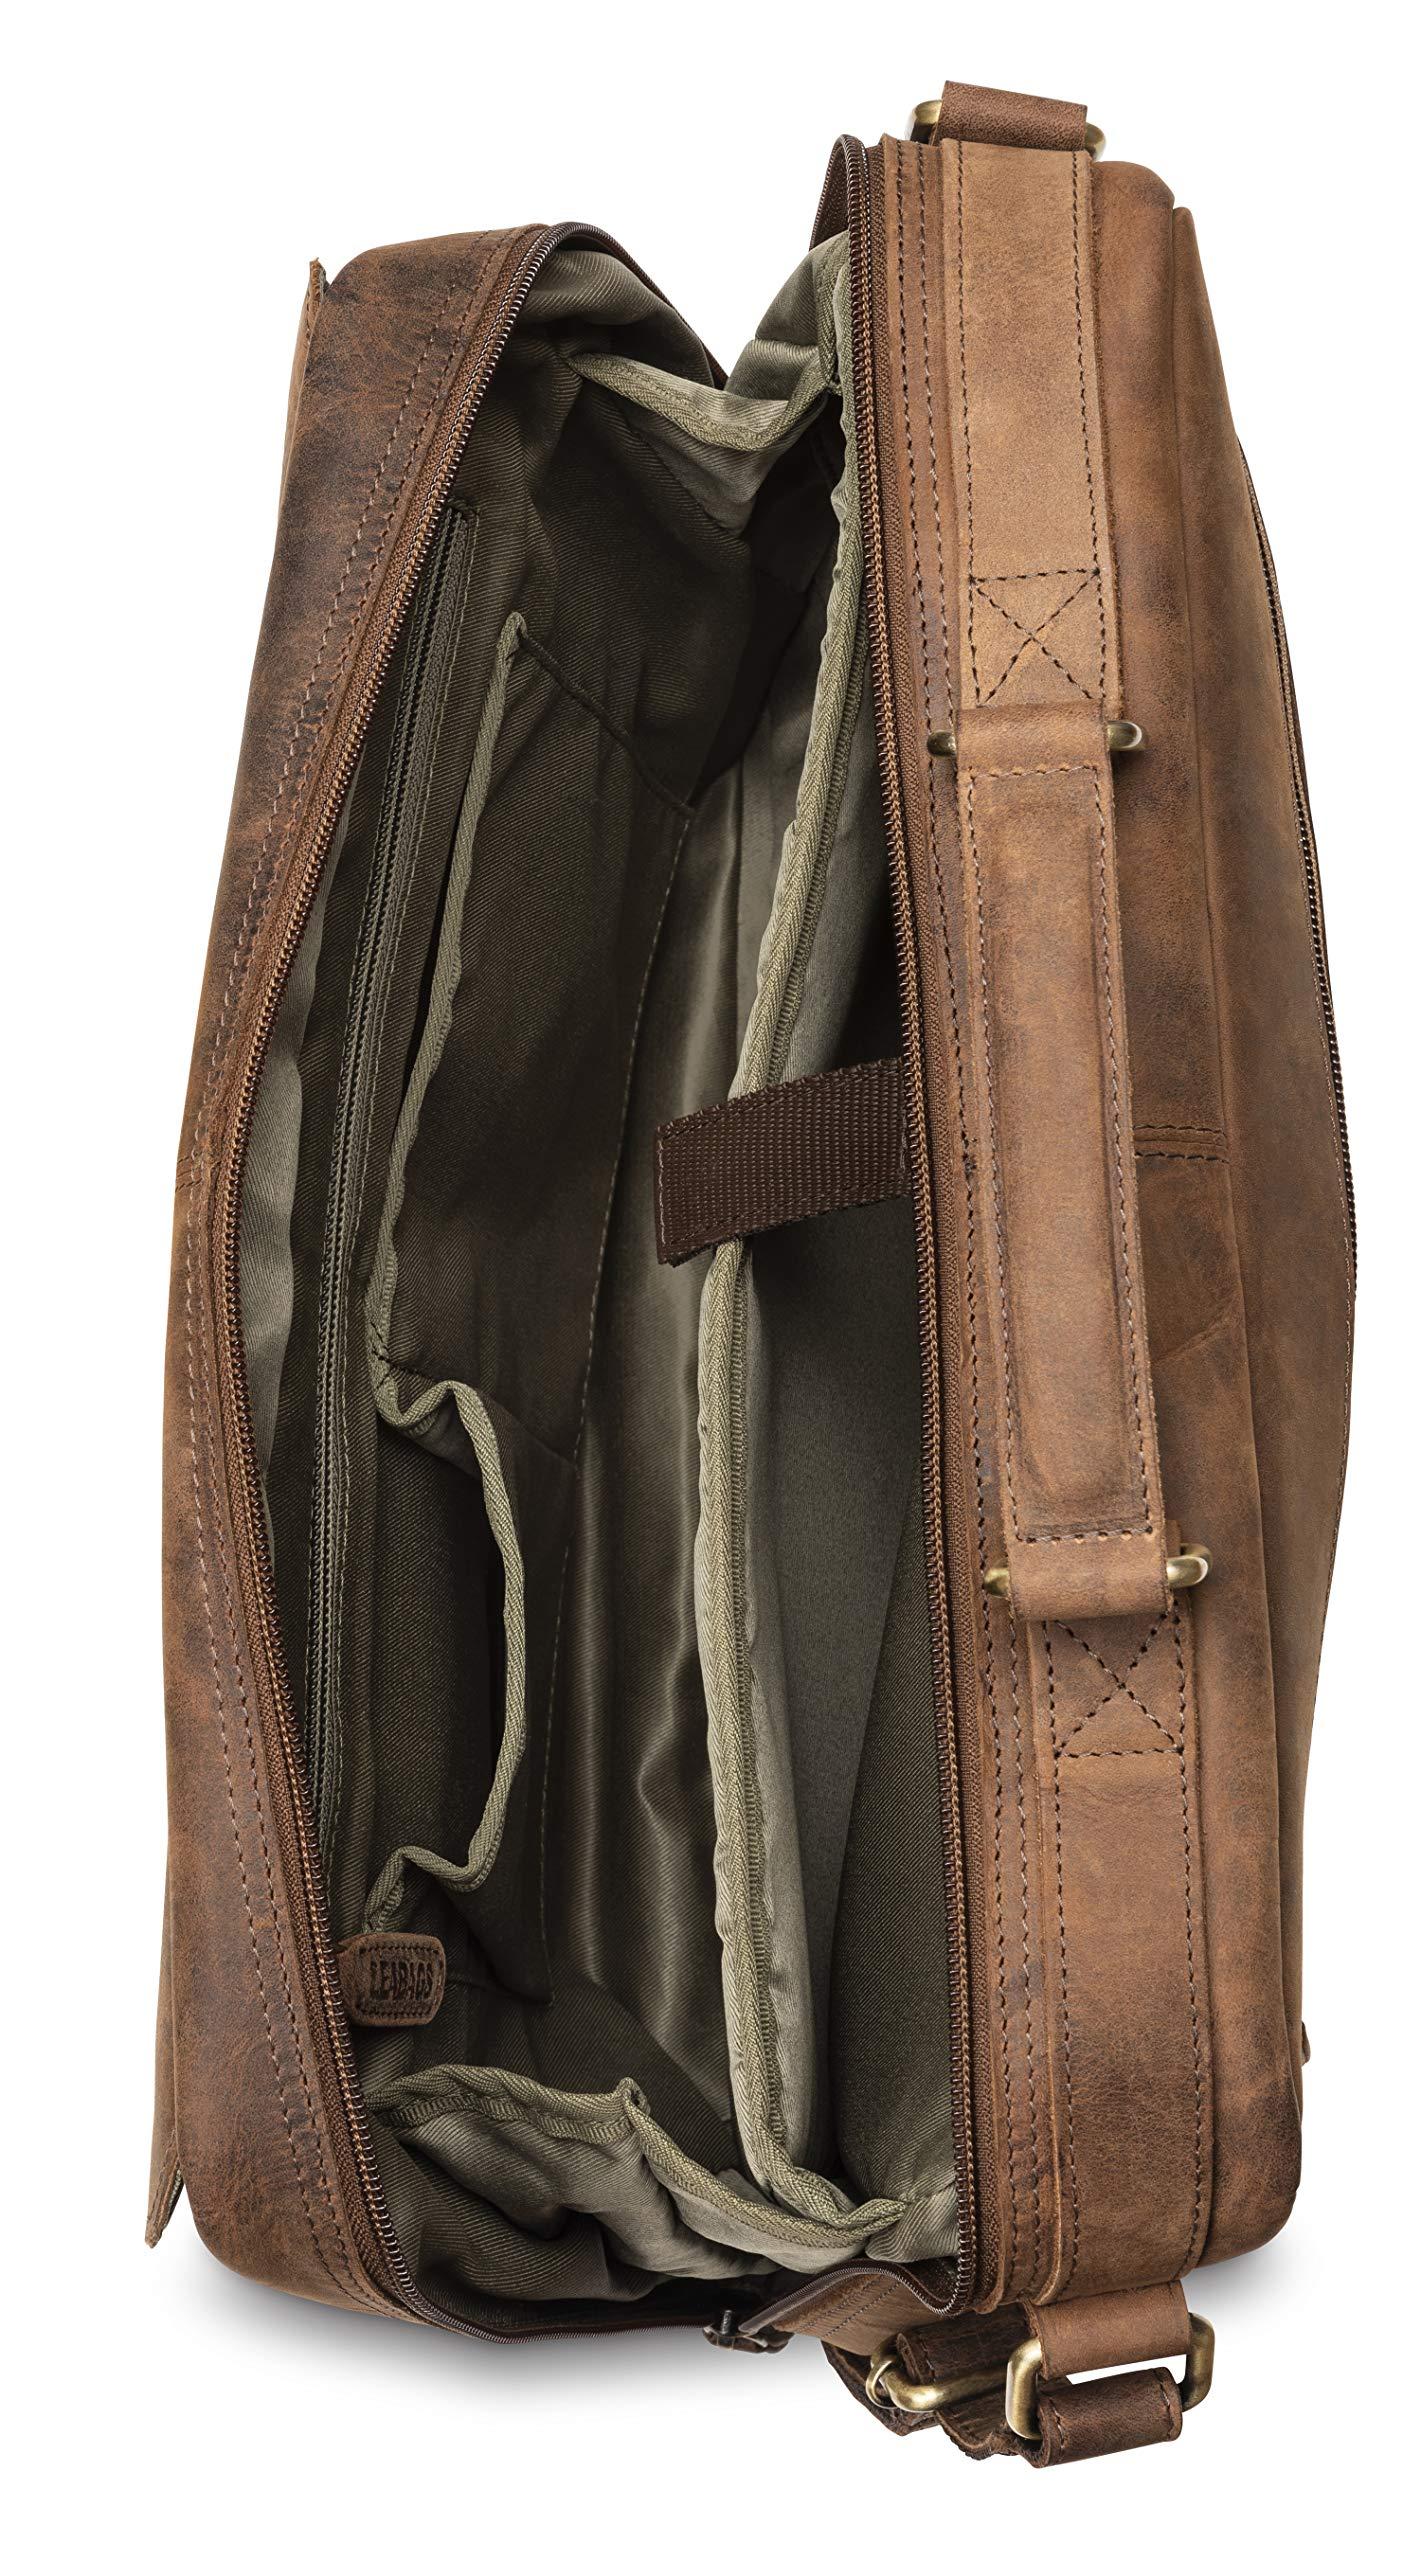 LEABAGS Marseillle Bolso Bandolera de auténtico Cuero búfalo en el Estilo Vintage – BrownFox – Grande